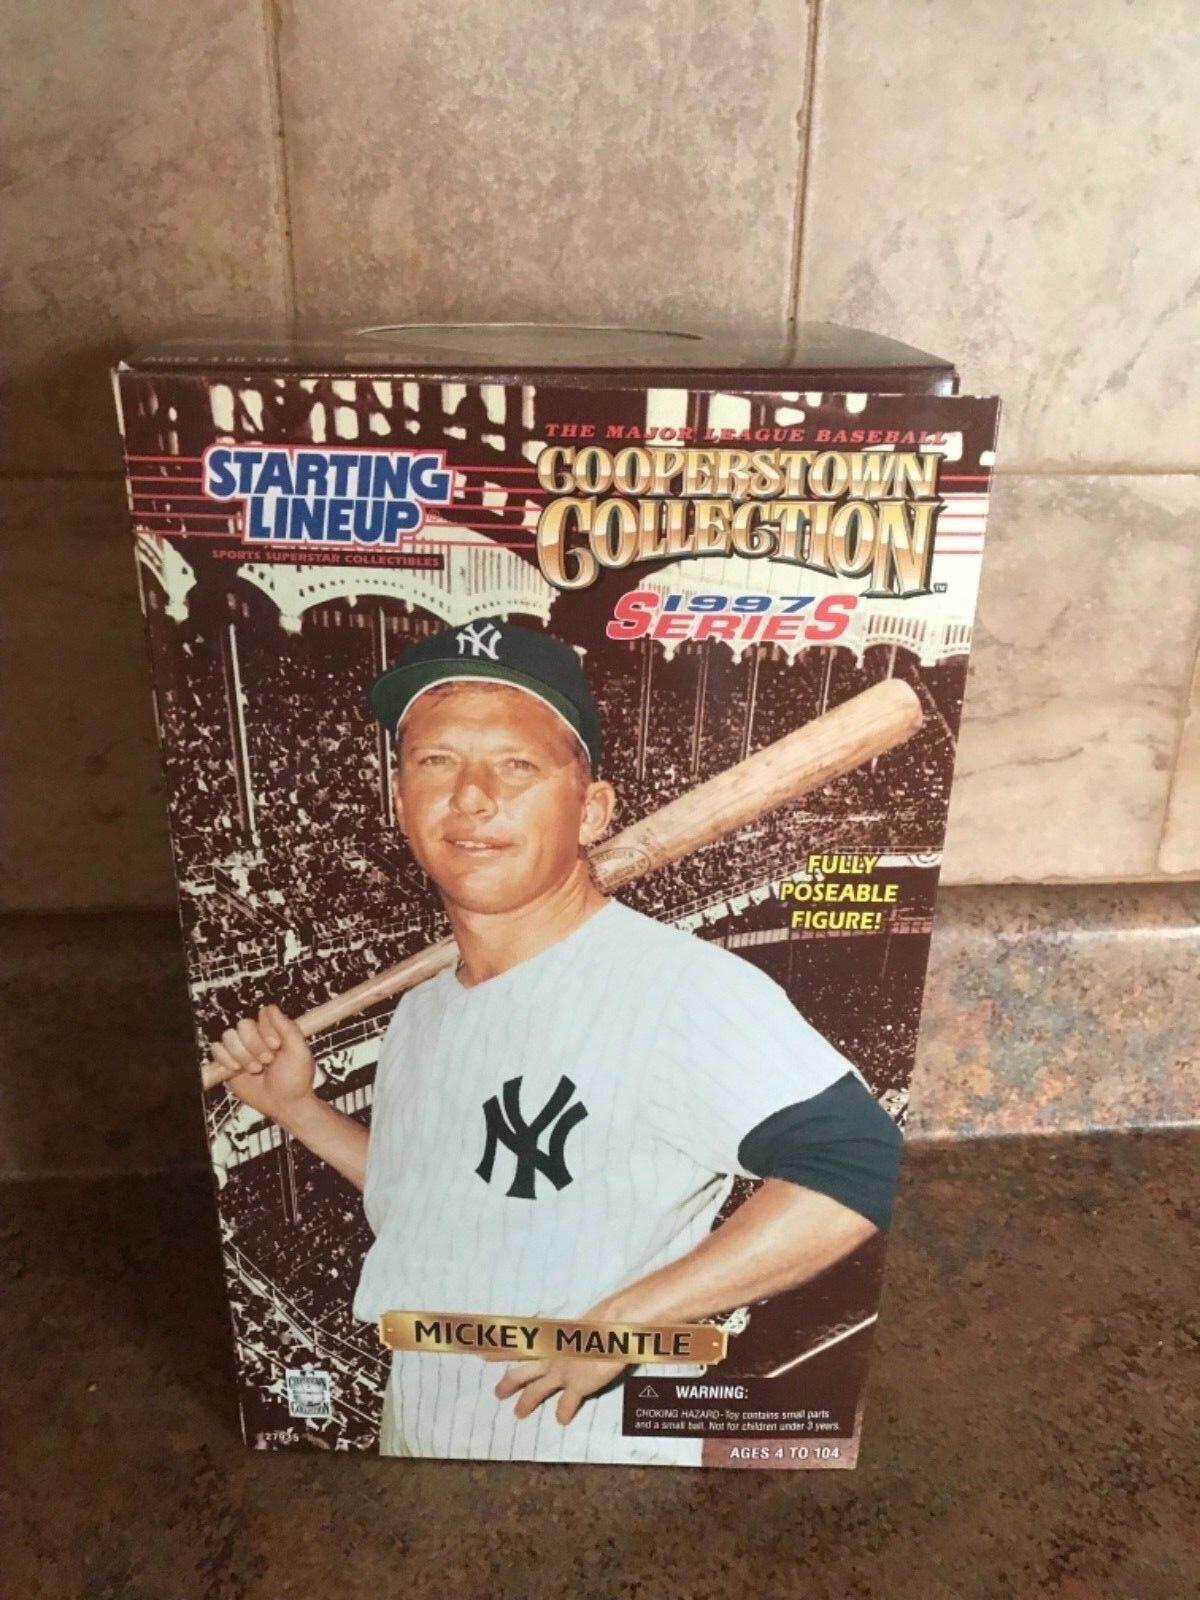 ¡envío gratis! Estrellating lineup Yankees de Nueva York Estatuilla Coleccionable 1997 Mickey Mickey Mickey Mantle  barato y de alta calidad